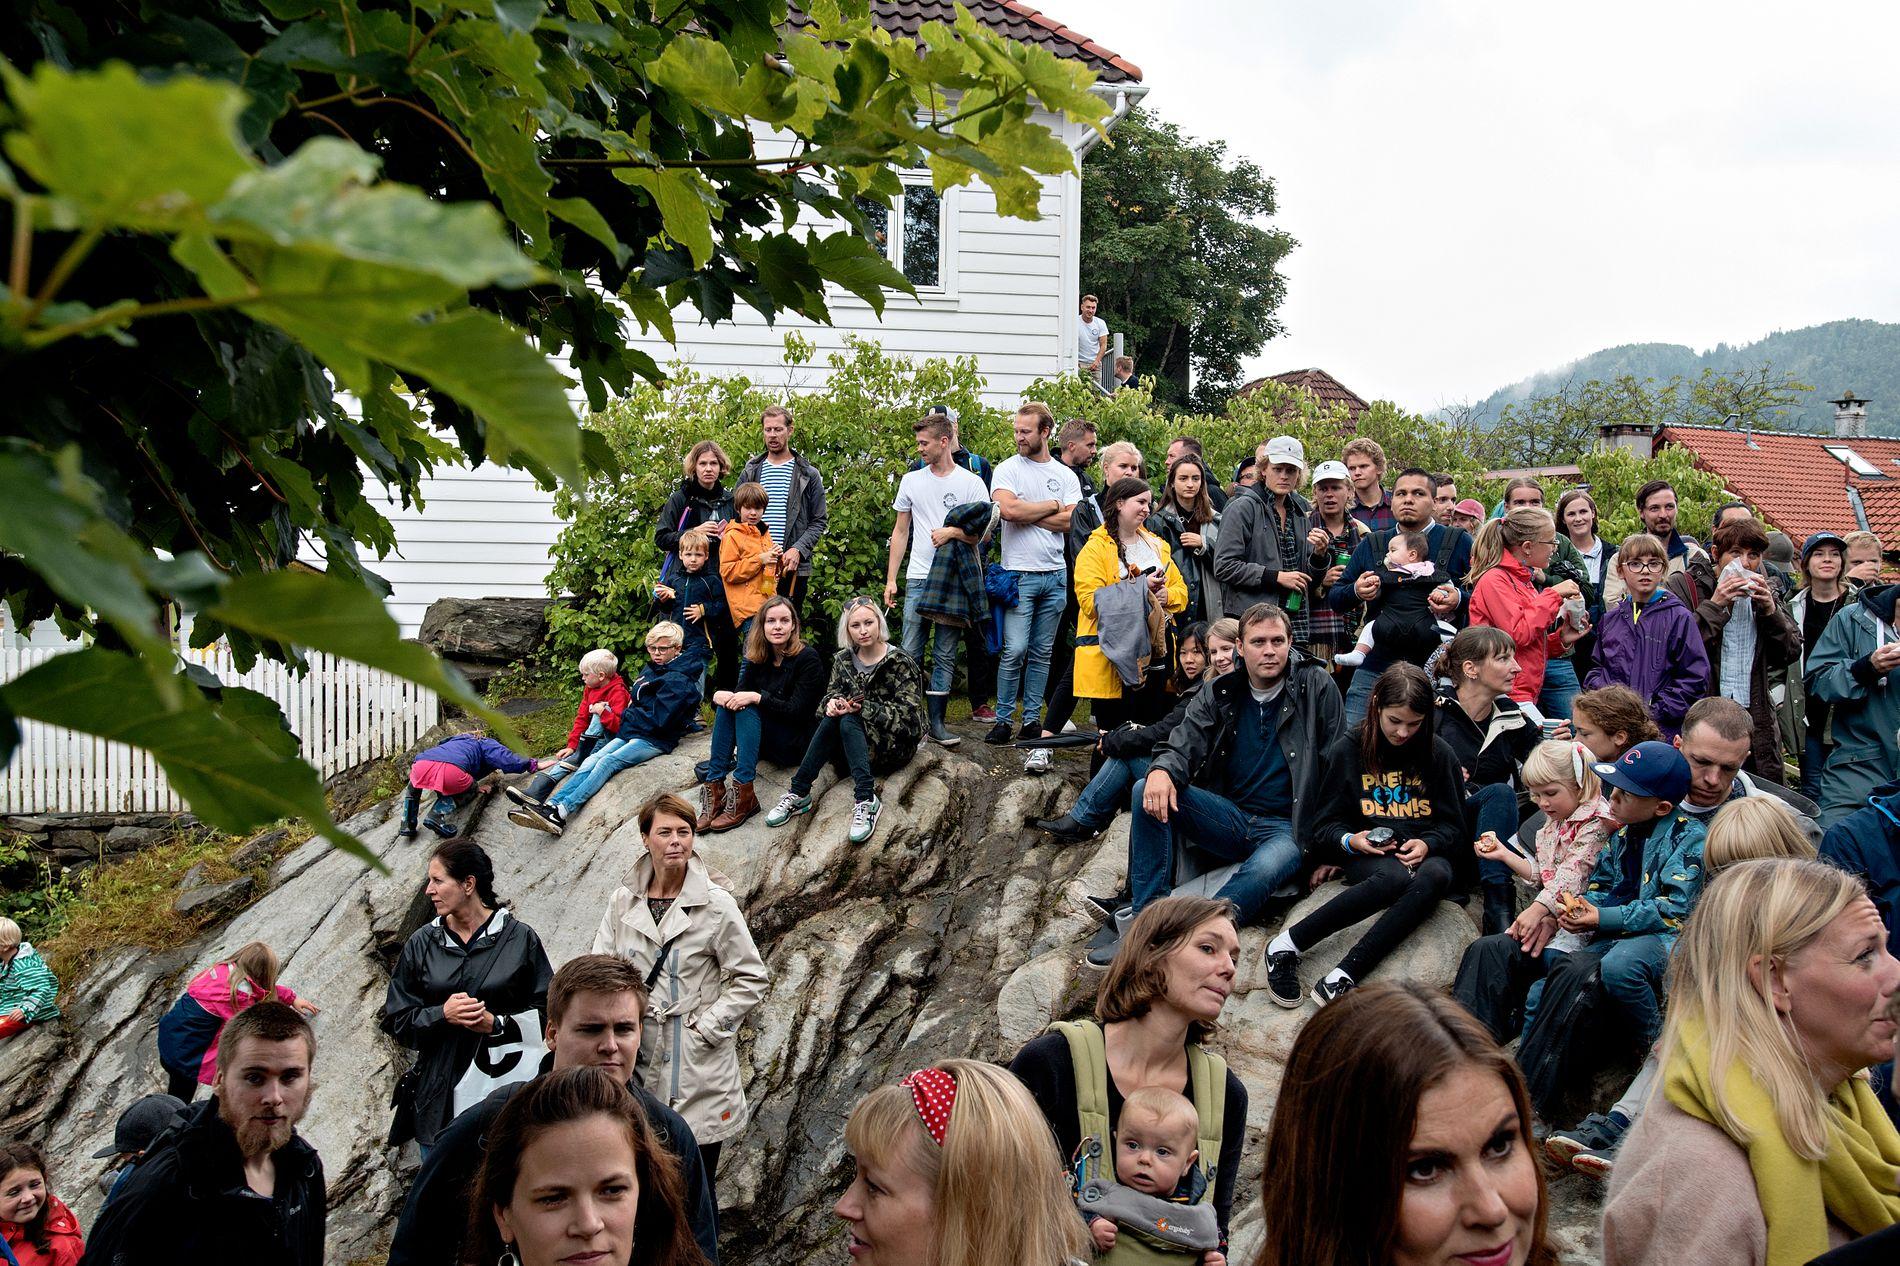 DRAGEFJELLET: Værvarselet for kommende lørdag tyder på at det også i år er greit med regntøy på Dragefjellet Minifestival. Bildet er fra i fjor.